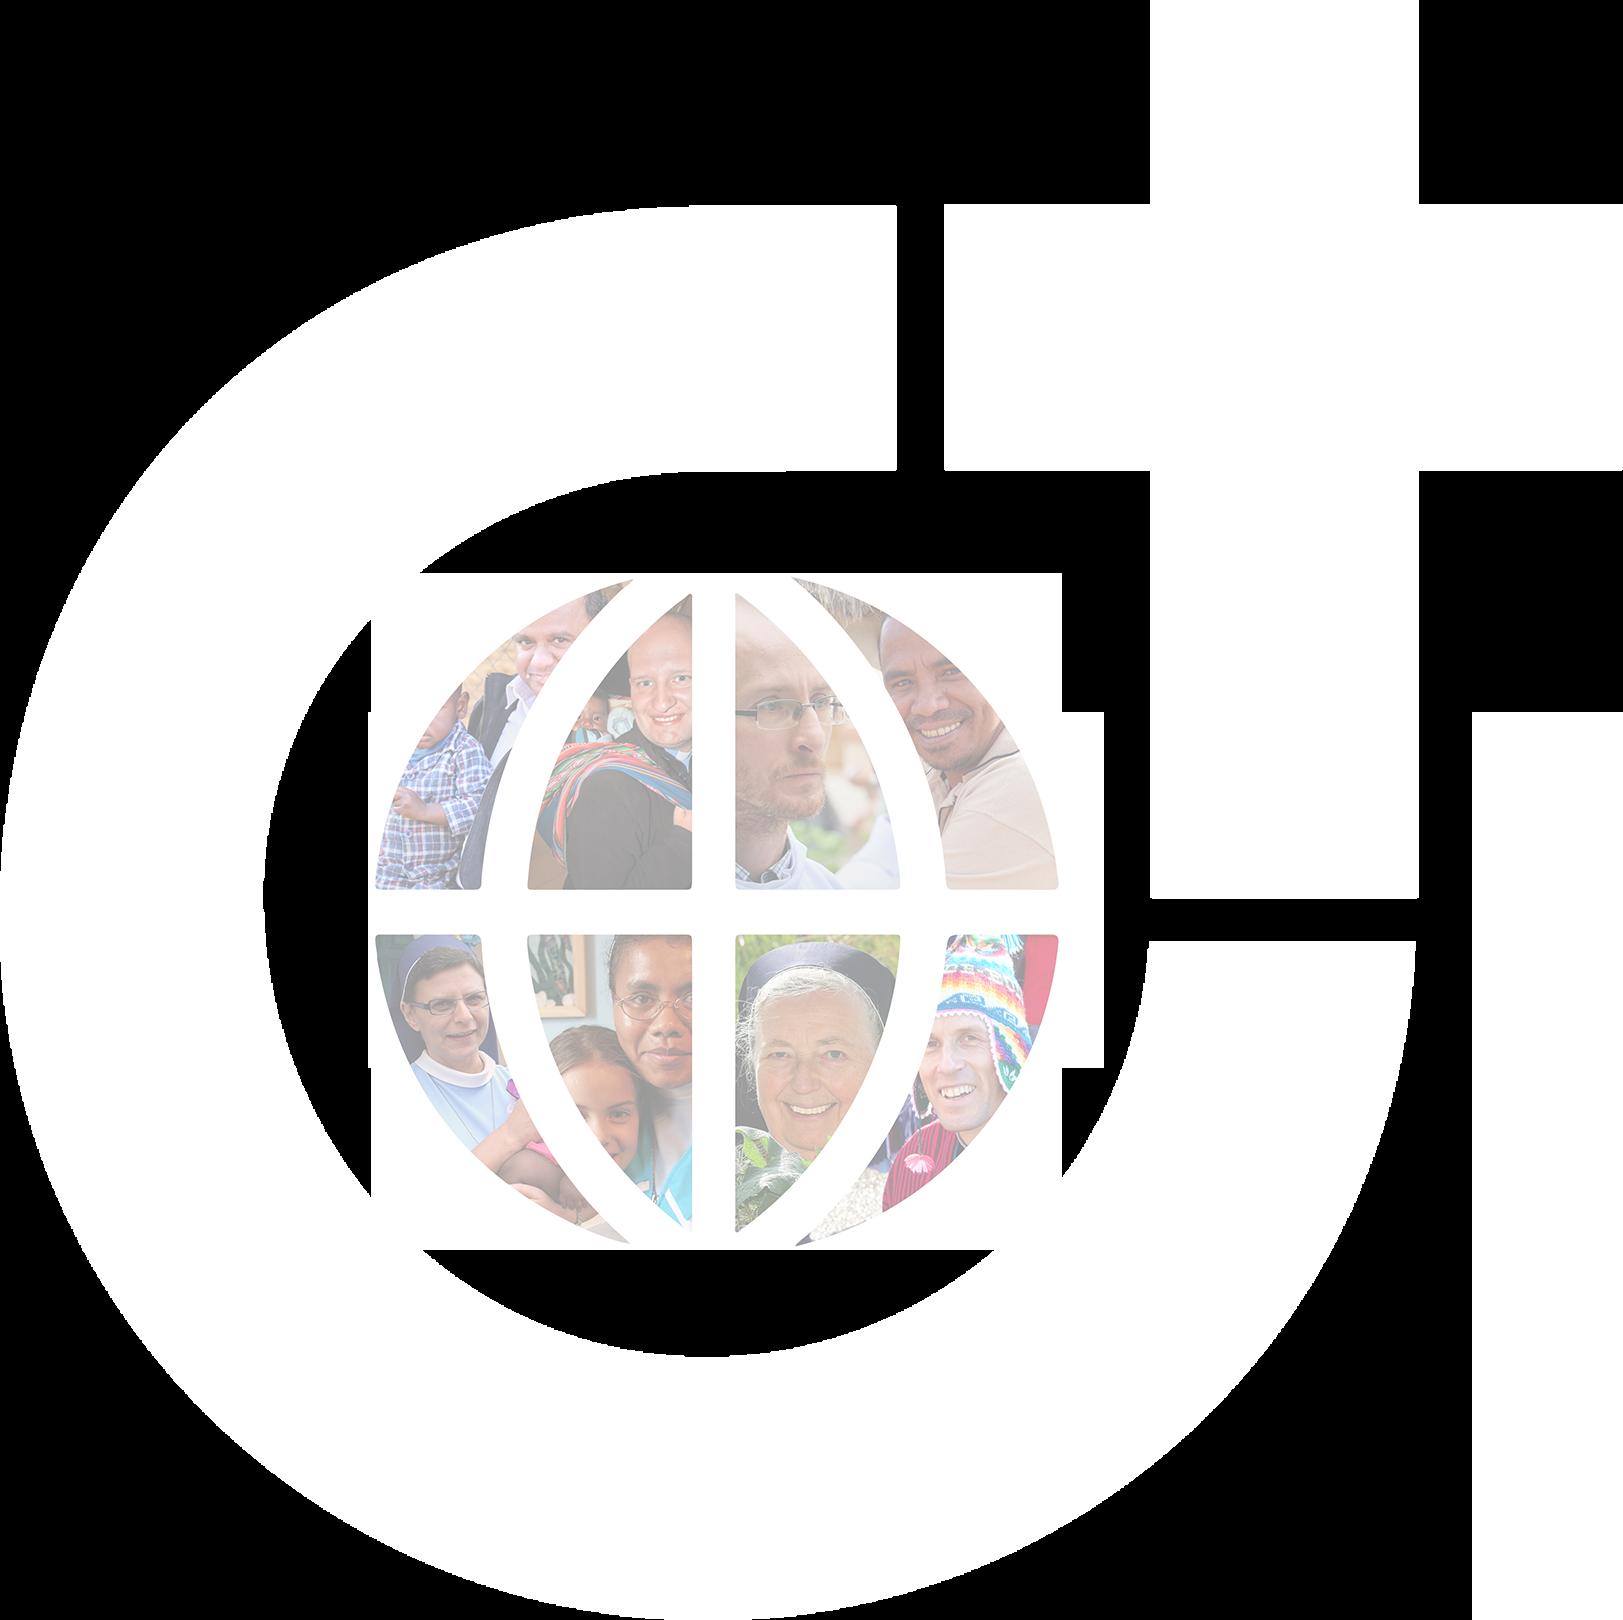 DWM Global Mission